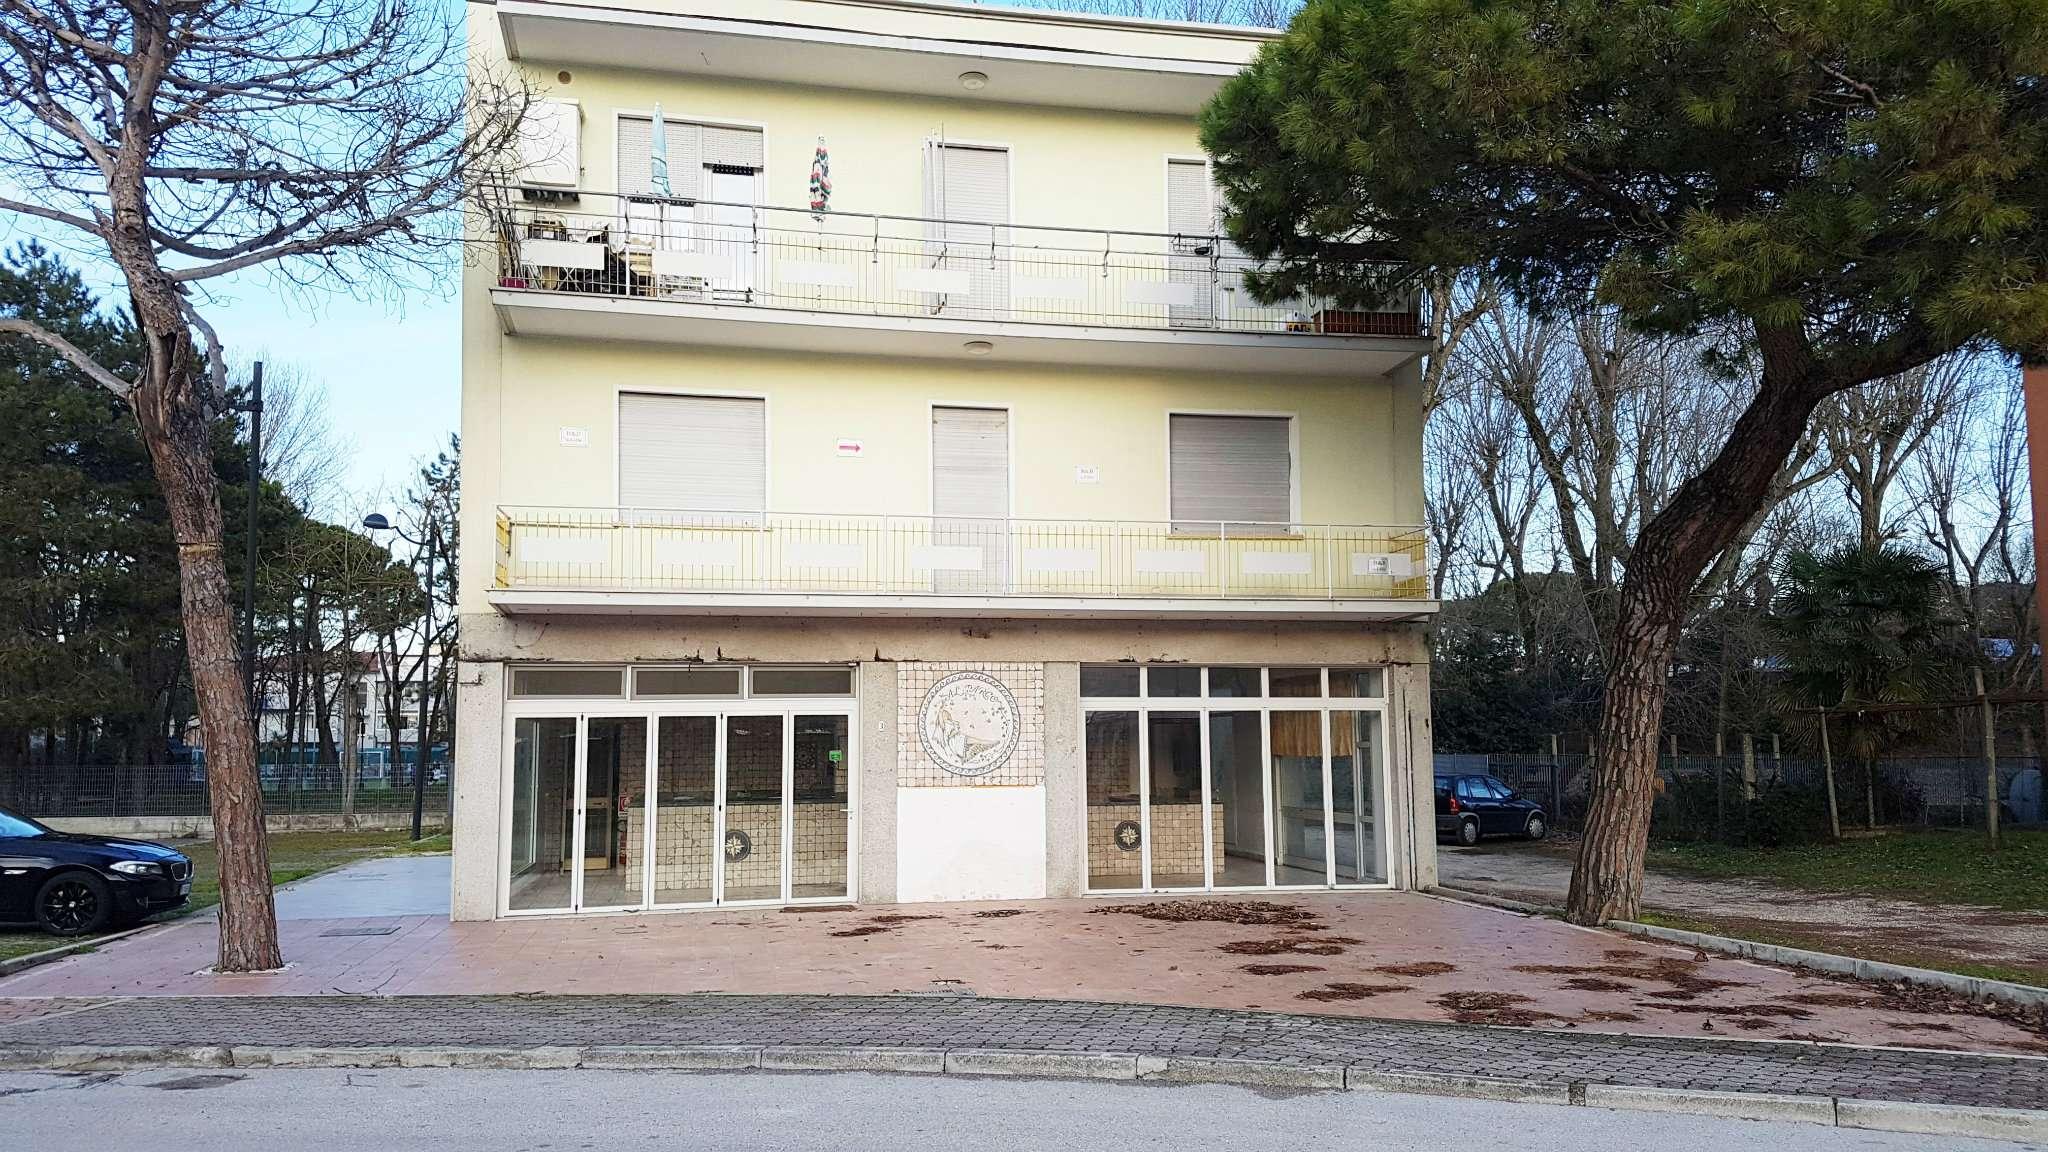 Negozio / Locale in affitto a Caorle, 3 locali, prezzo € 1.350 | CambioCasa.it